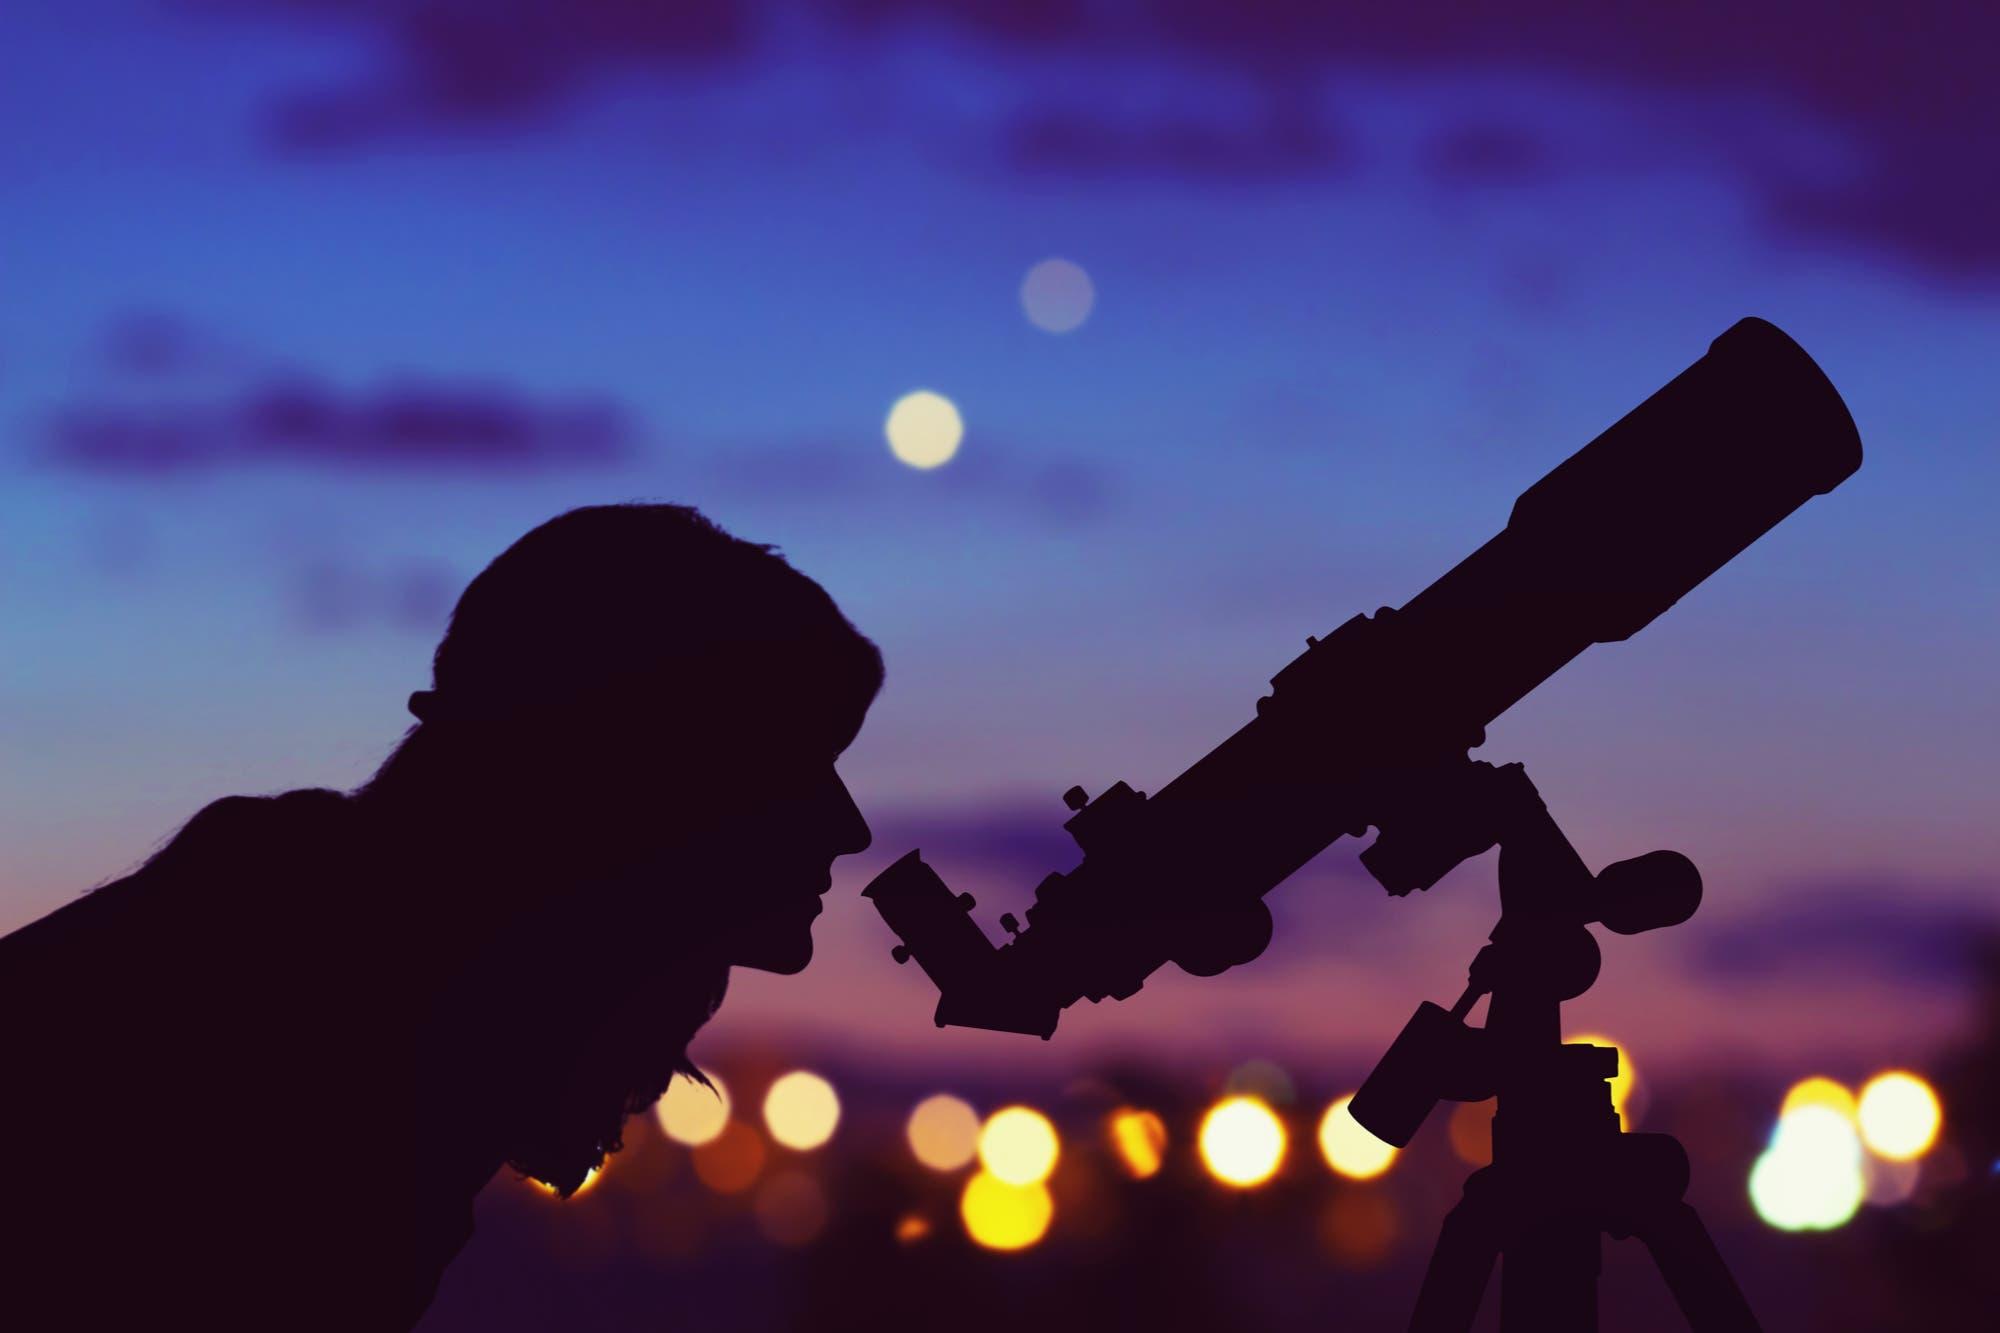 El microscopio del pesimista y el telescopio del optimista